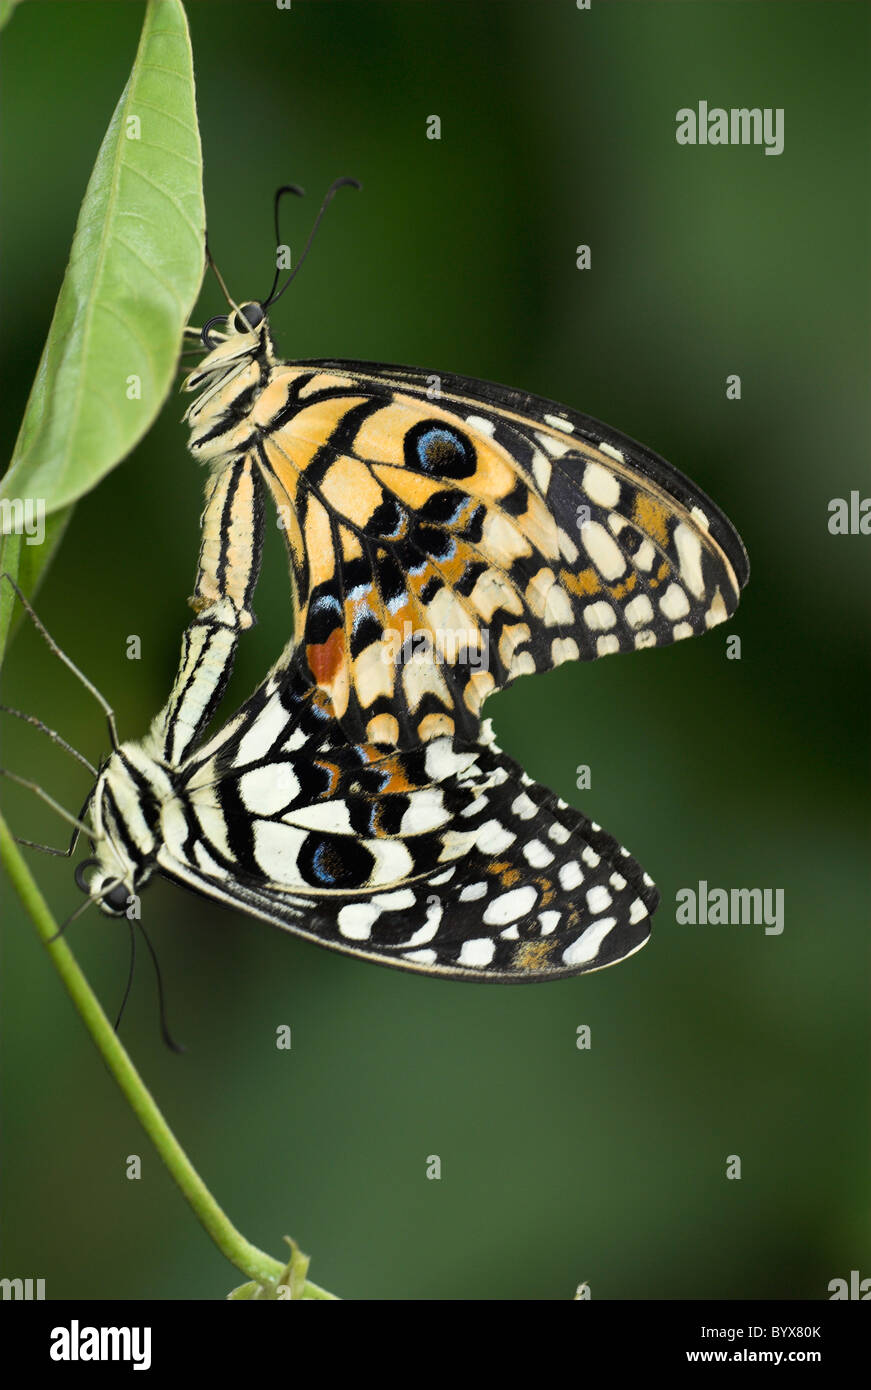 Lime a coda di rondine farfalle Papilio demoleus Asia Immagini Stock